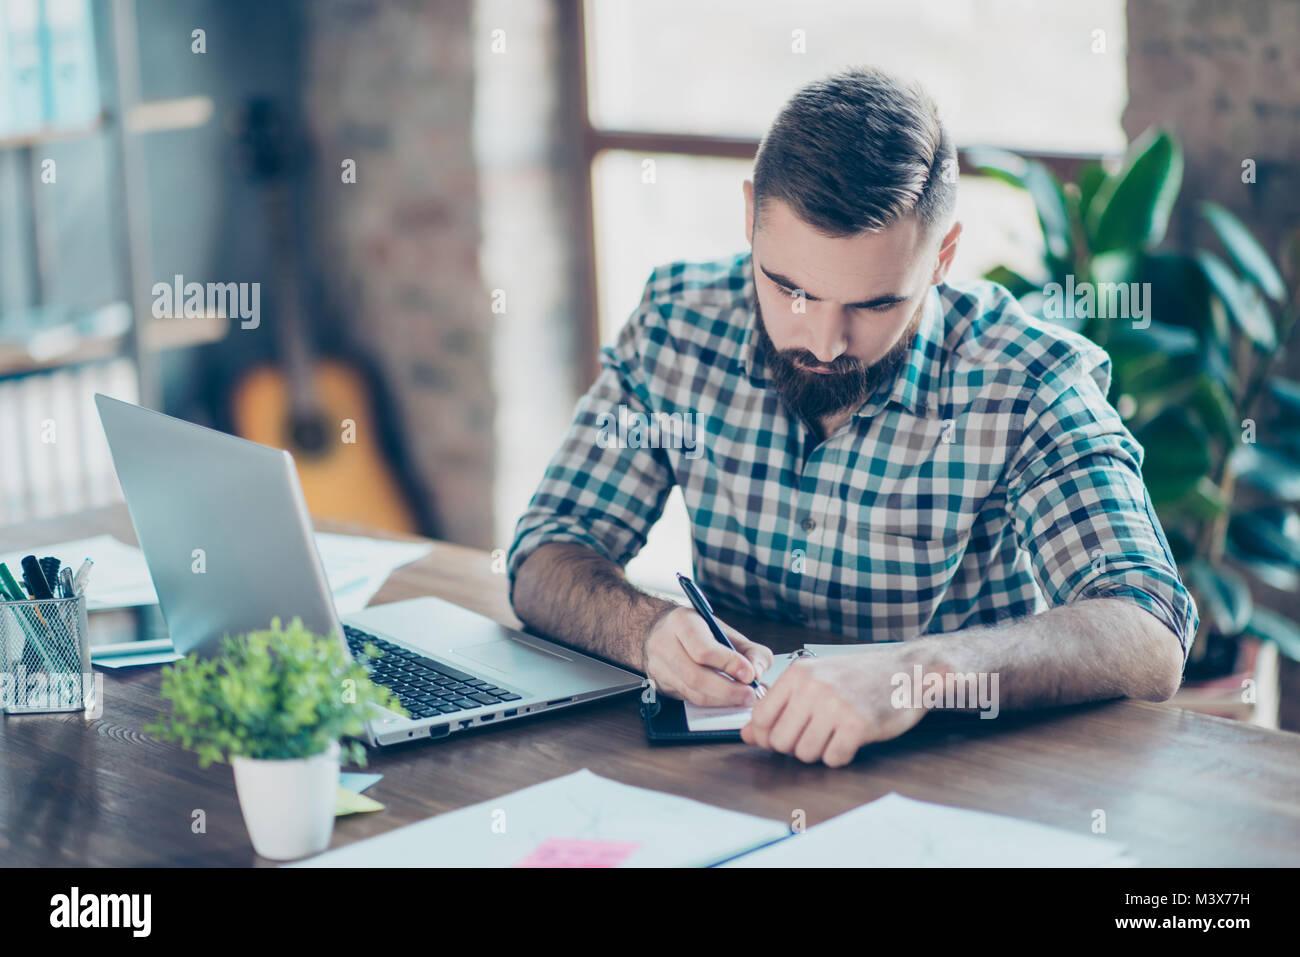 Attento smart clever intelligente studente maschio indossa camicia a scacchi sta facendo i compiti a casa nella Immagini Stock